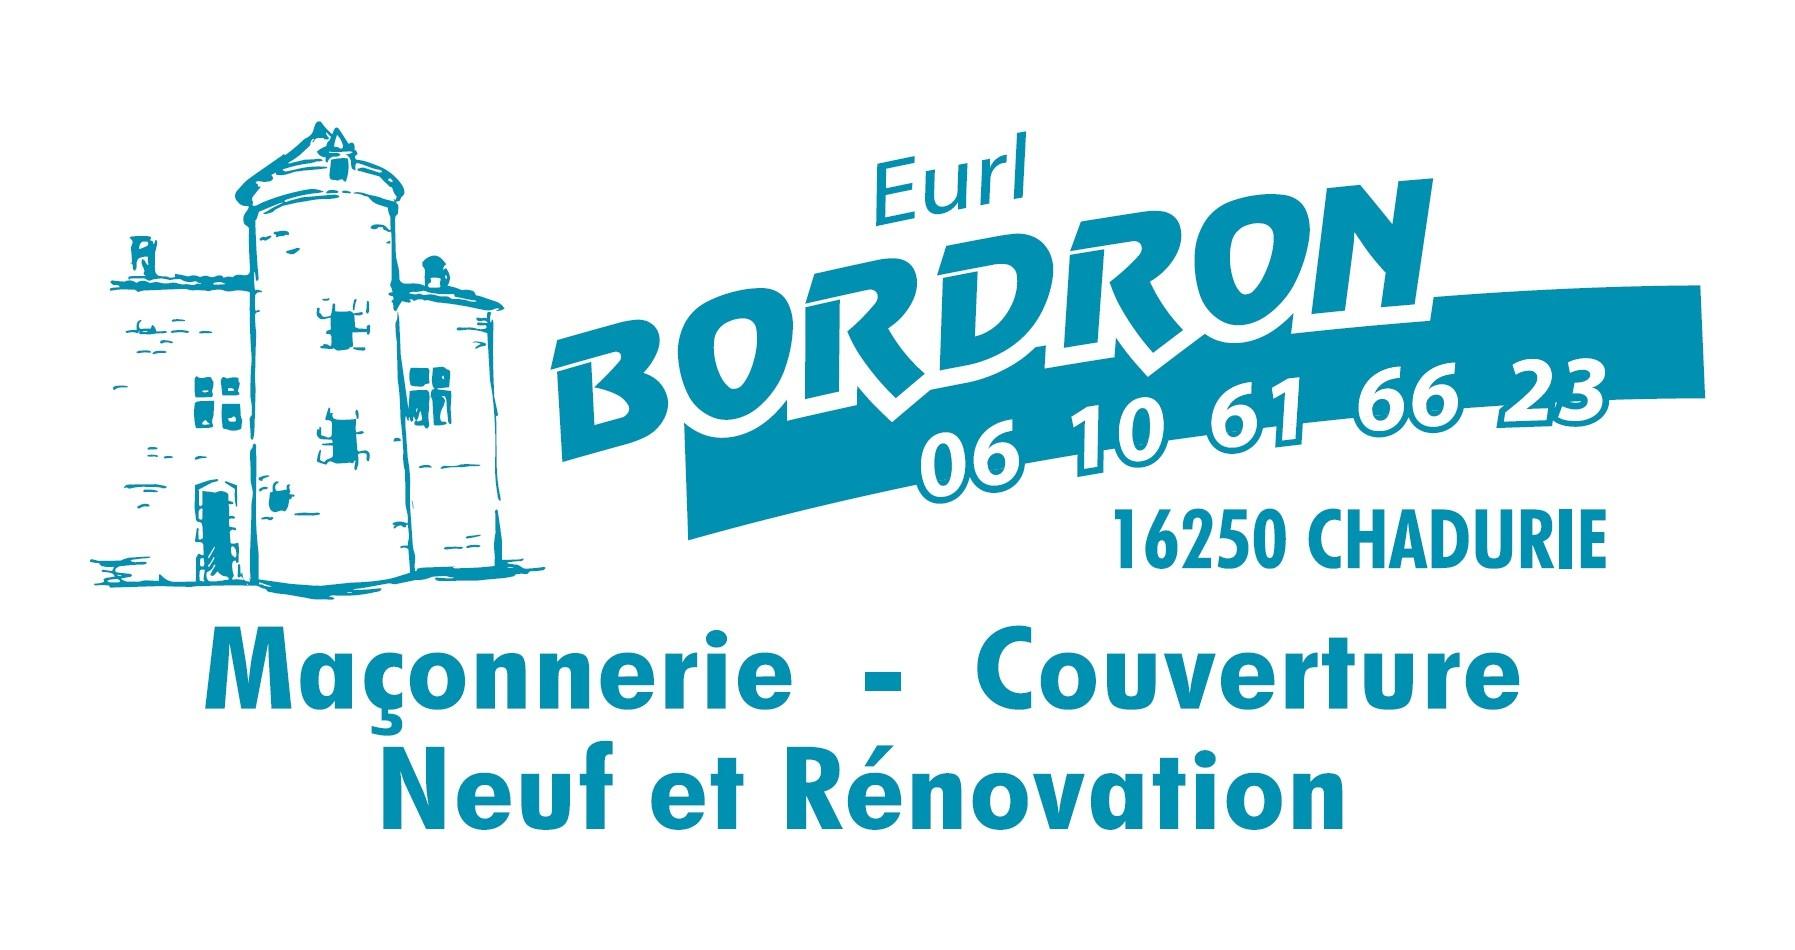 Eurl bordron